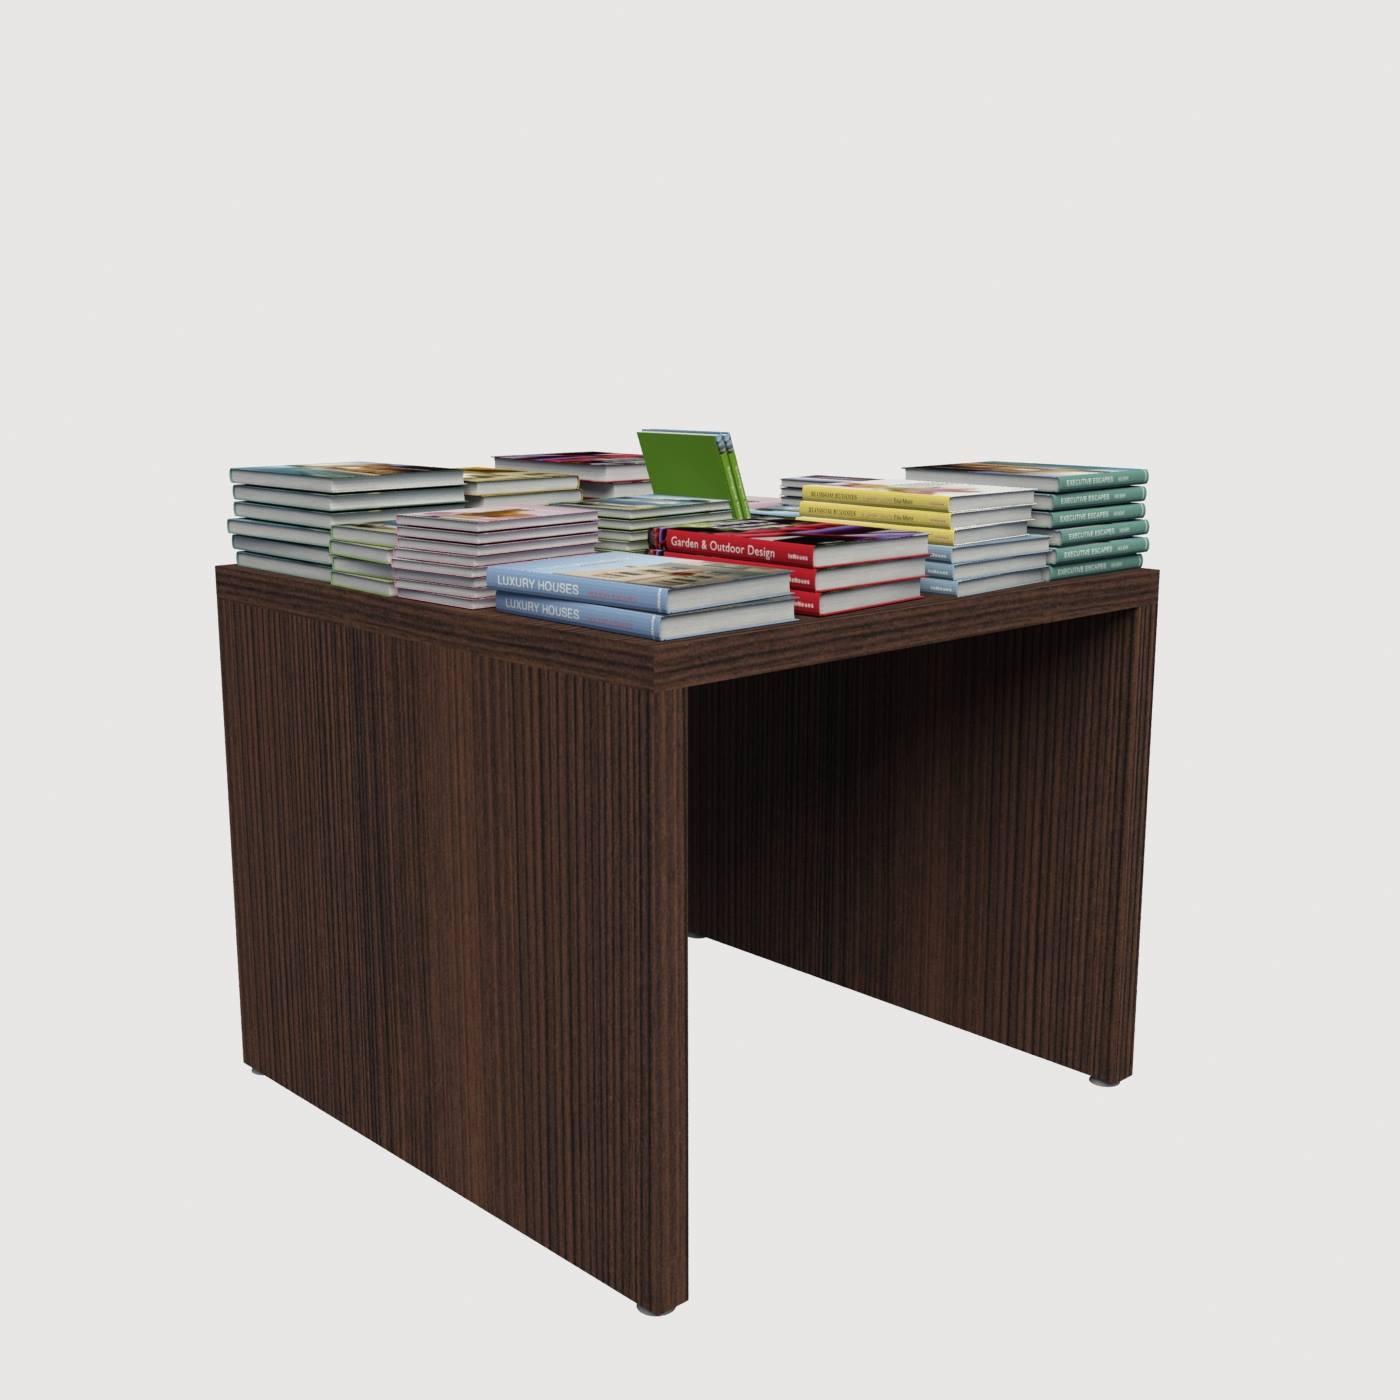 Έπιπλο τραπέζι κεντρικό καταστήματος βιβλιοπωλείου εξοπλισμός καταστημάτων έπιπλα για κατάστημα επαγγελματικό χώρο